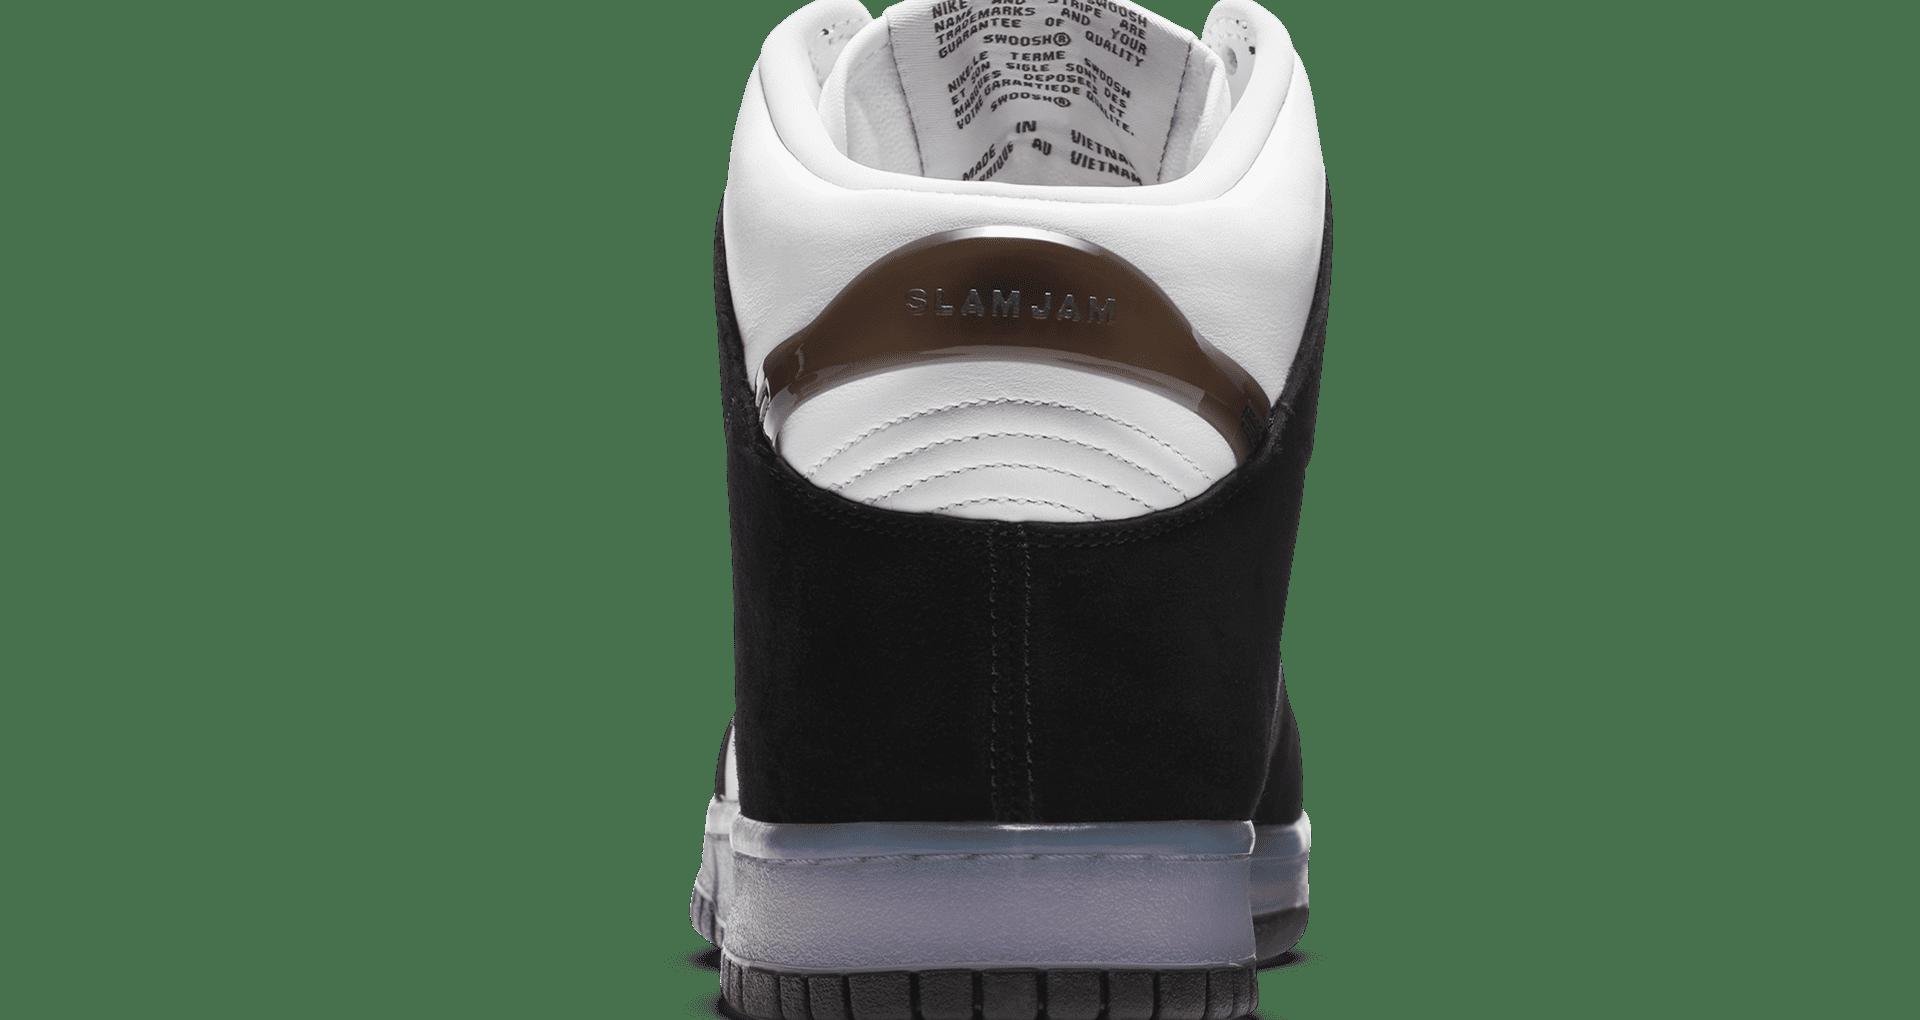 スラムジャム × ナイキ ダンク ハイ クリアブラック nike-dunk-high-x-slam-jam-clear-black-DA1639-101-heel